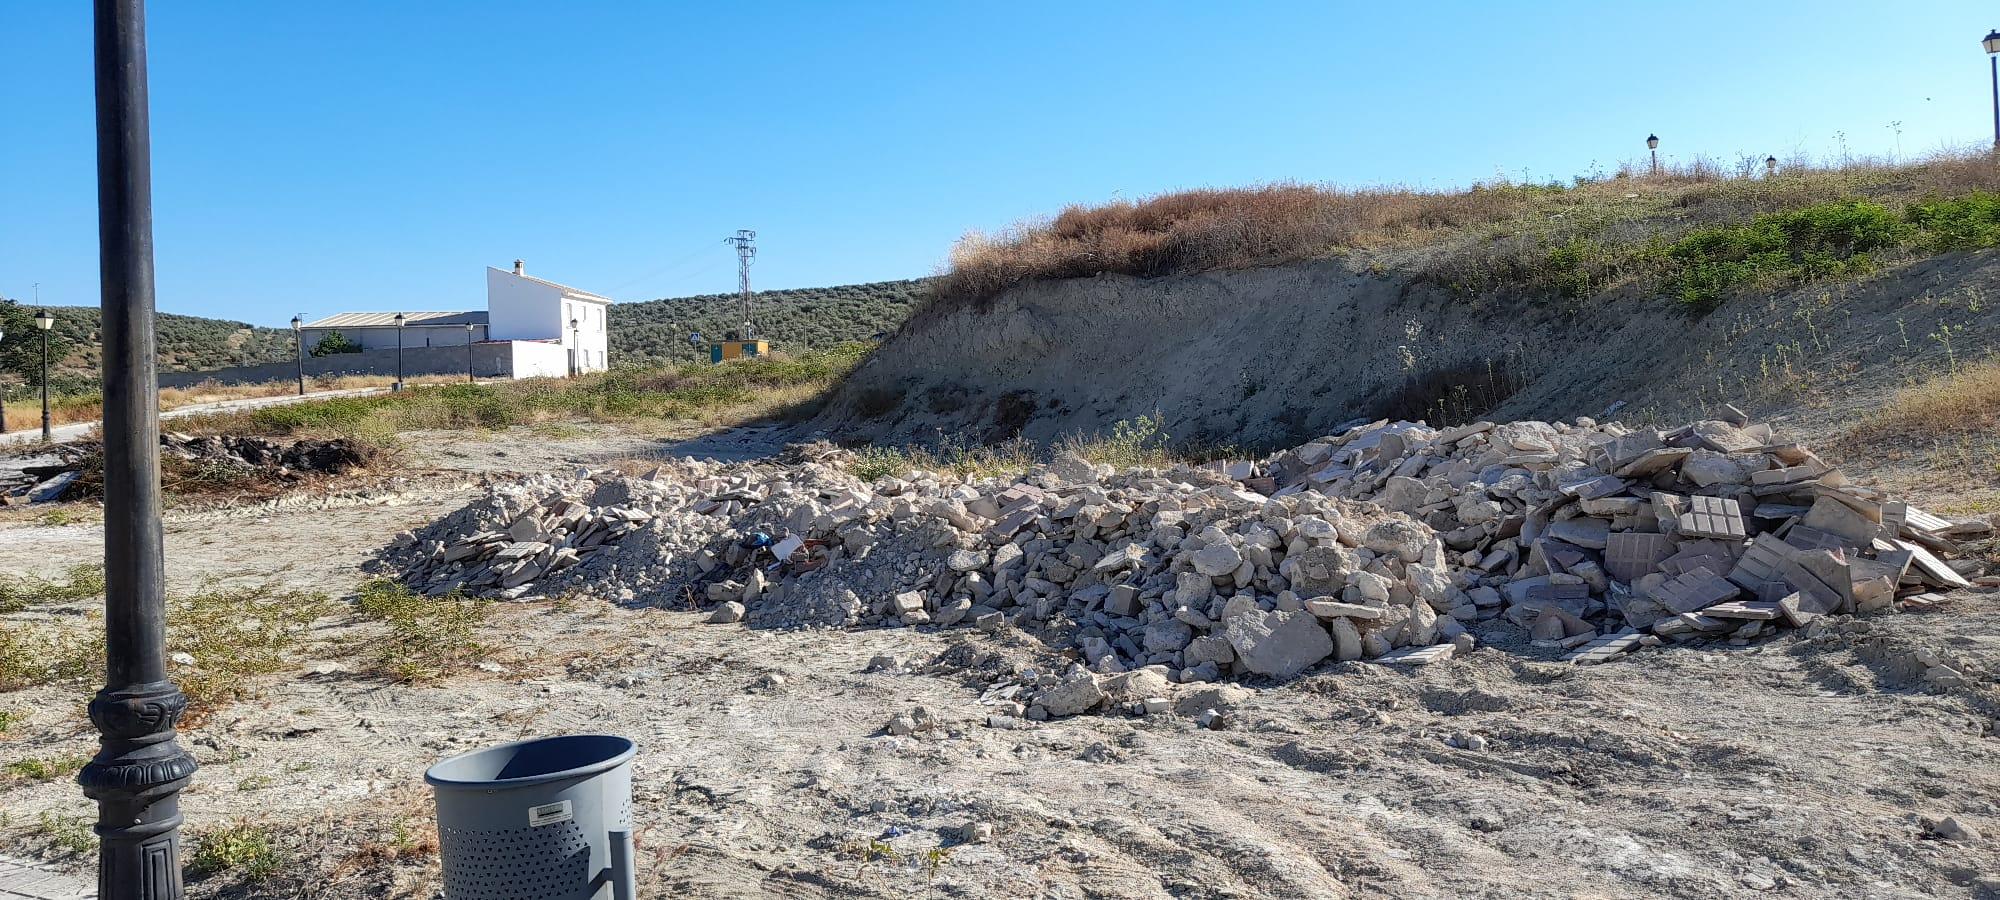 El PSOE de Higuera de Calatrava exige al alcalde que abra ya el punto de acopio de residuos que lleva 1 año construido